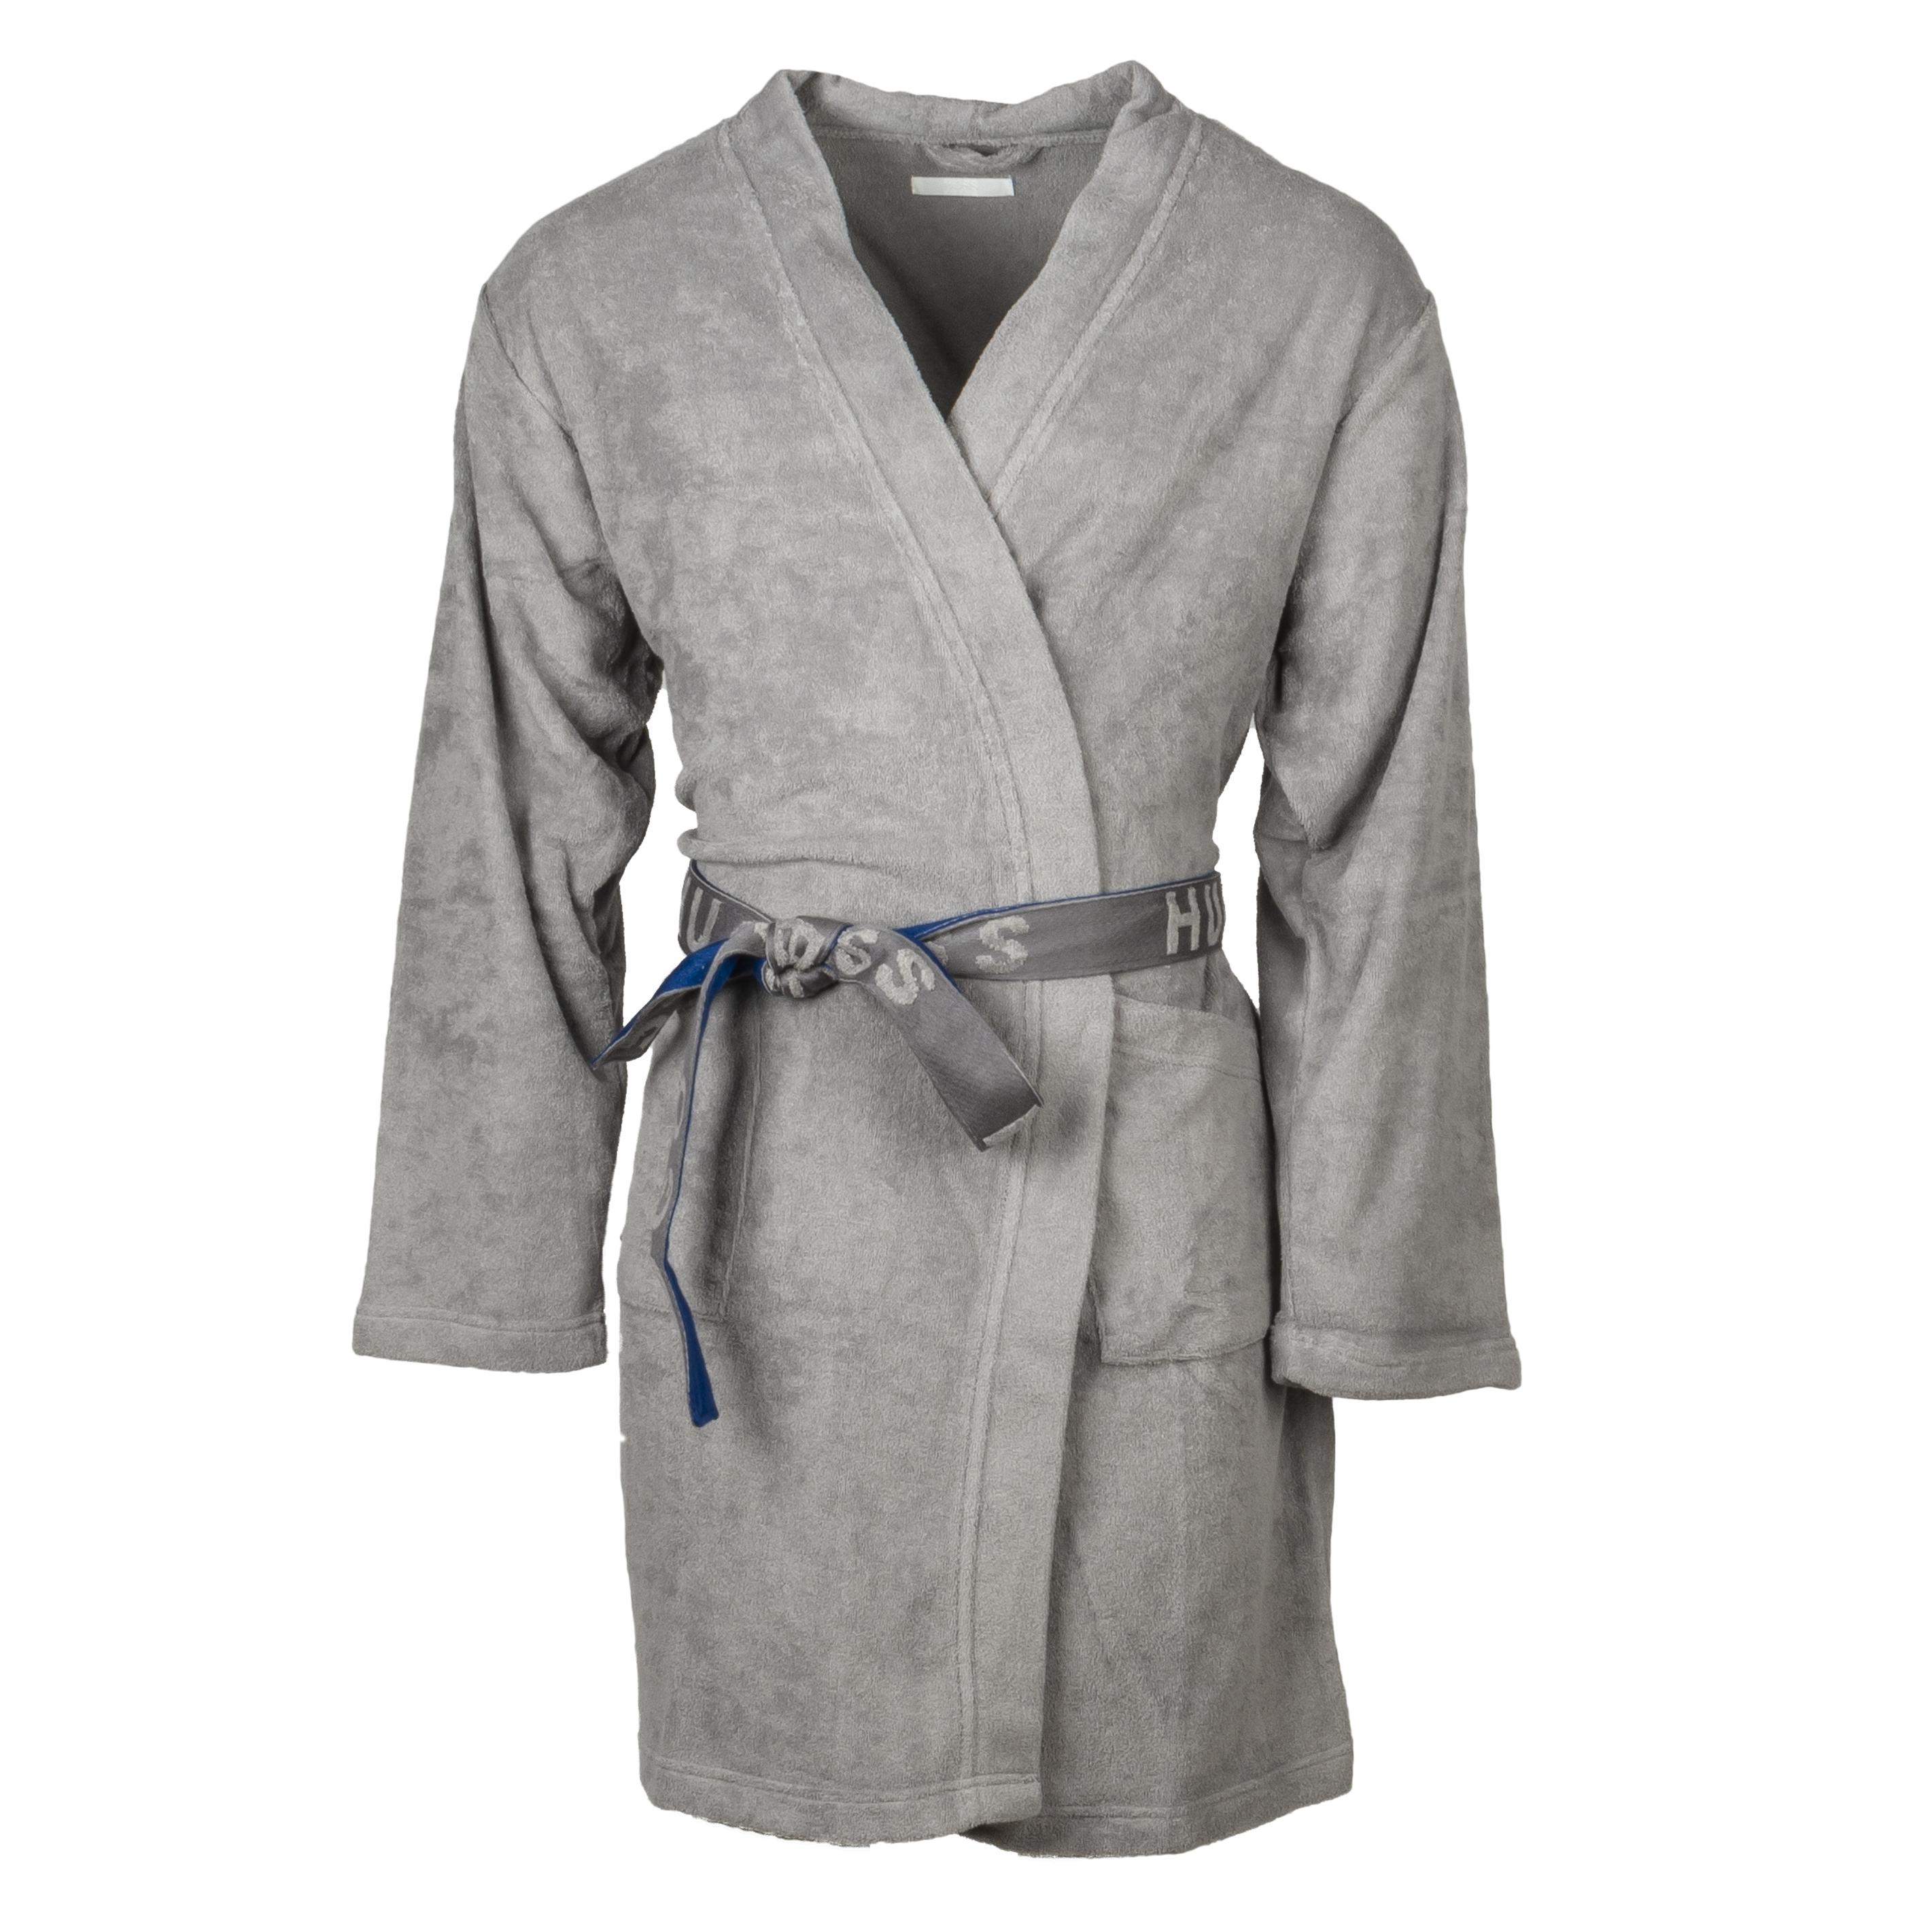 Kimono  tonickim en coton mélangé gris et bleu